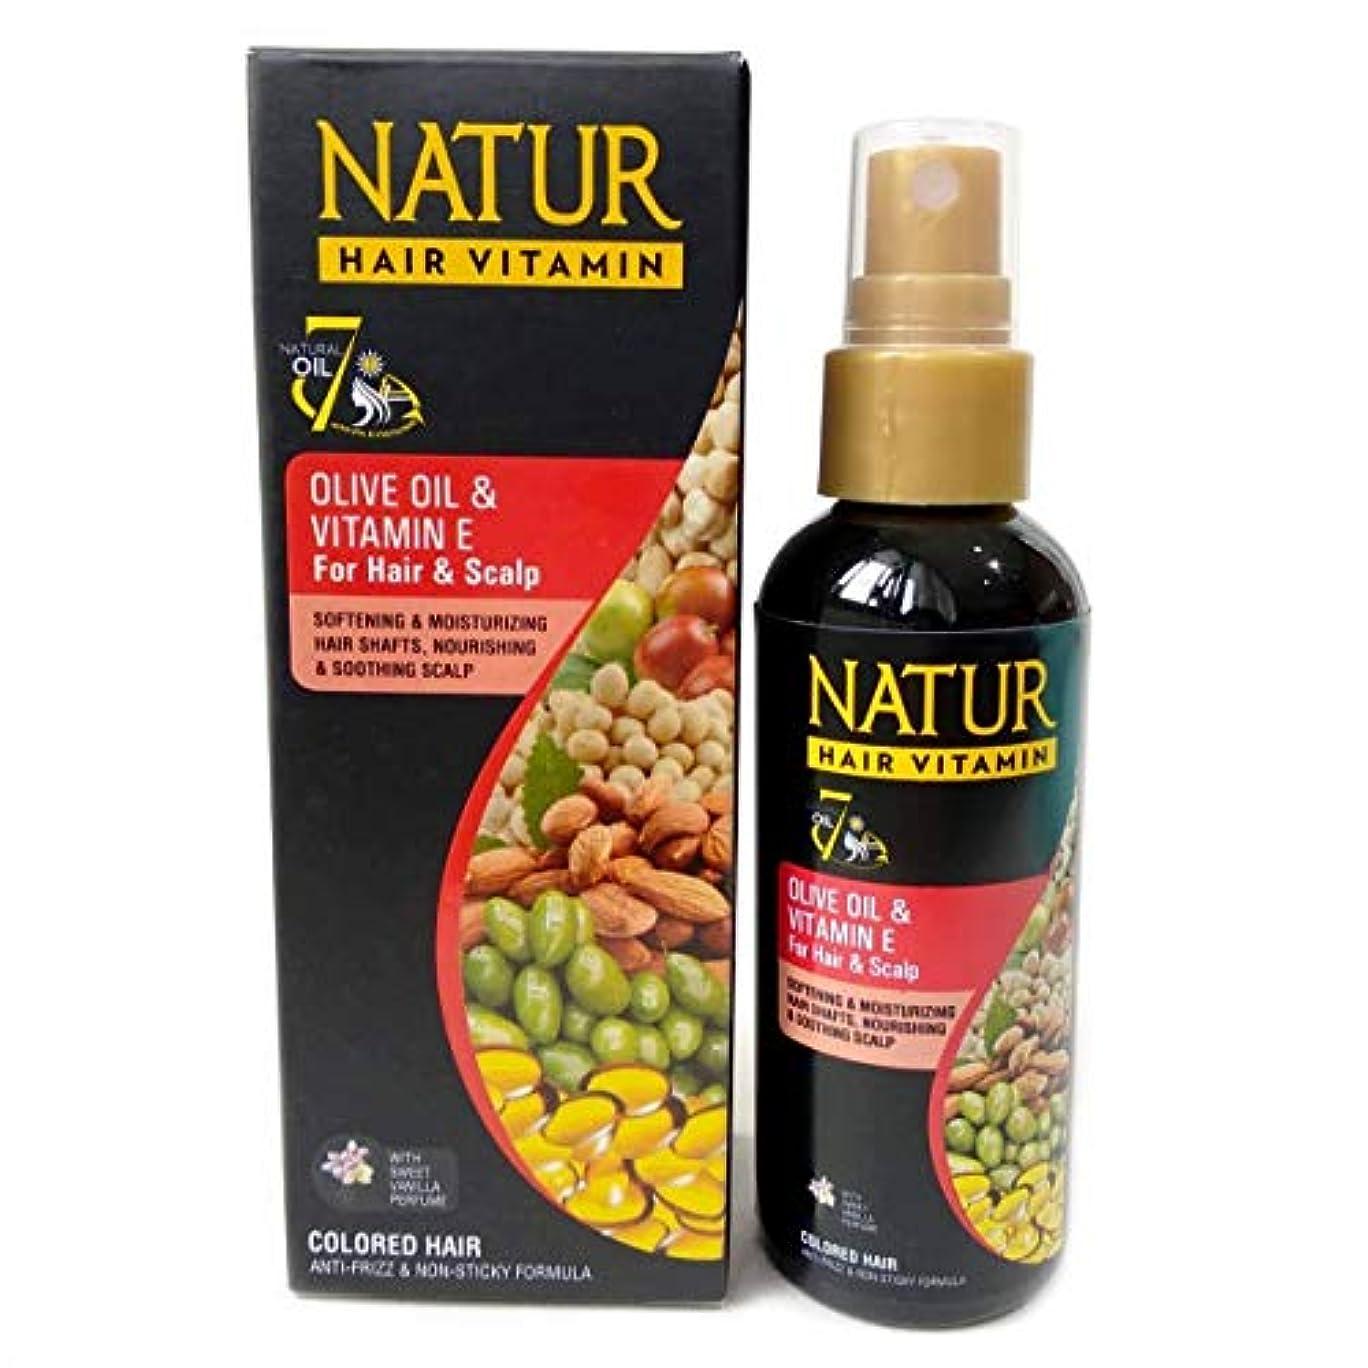 ささやき電話に出る複合NATUR ナトゥール 天然植物エキス配合 Hair Vitamin ハーバルヘアビタミン 80ml Olive oil&Vitamin E オリーブオイル&ビタミンE [海外直商品]